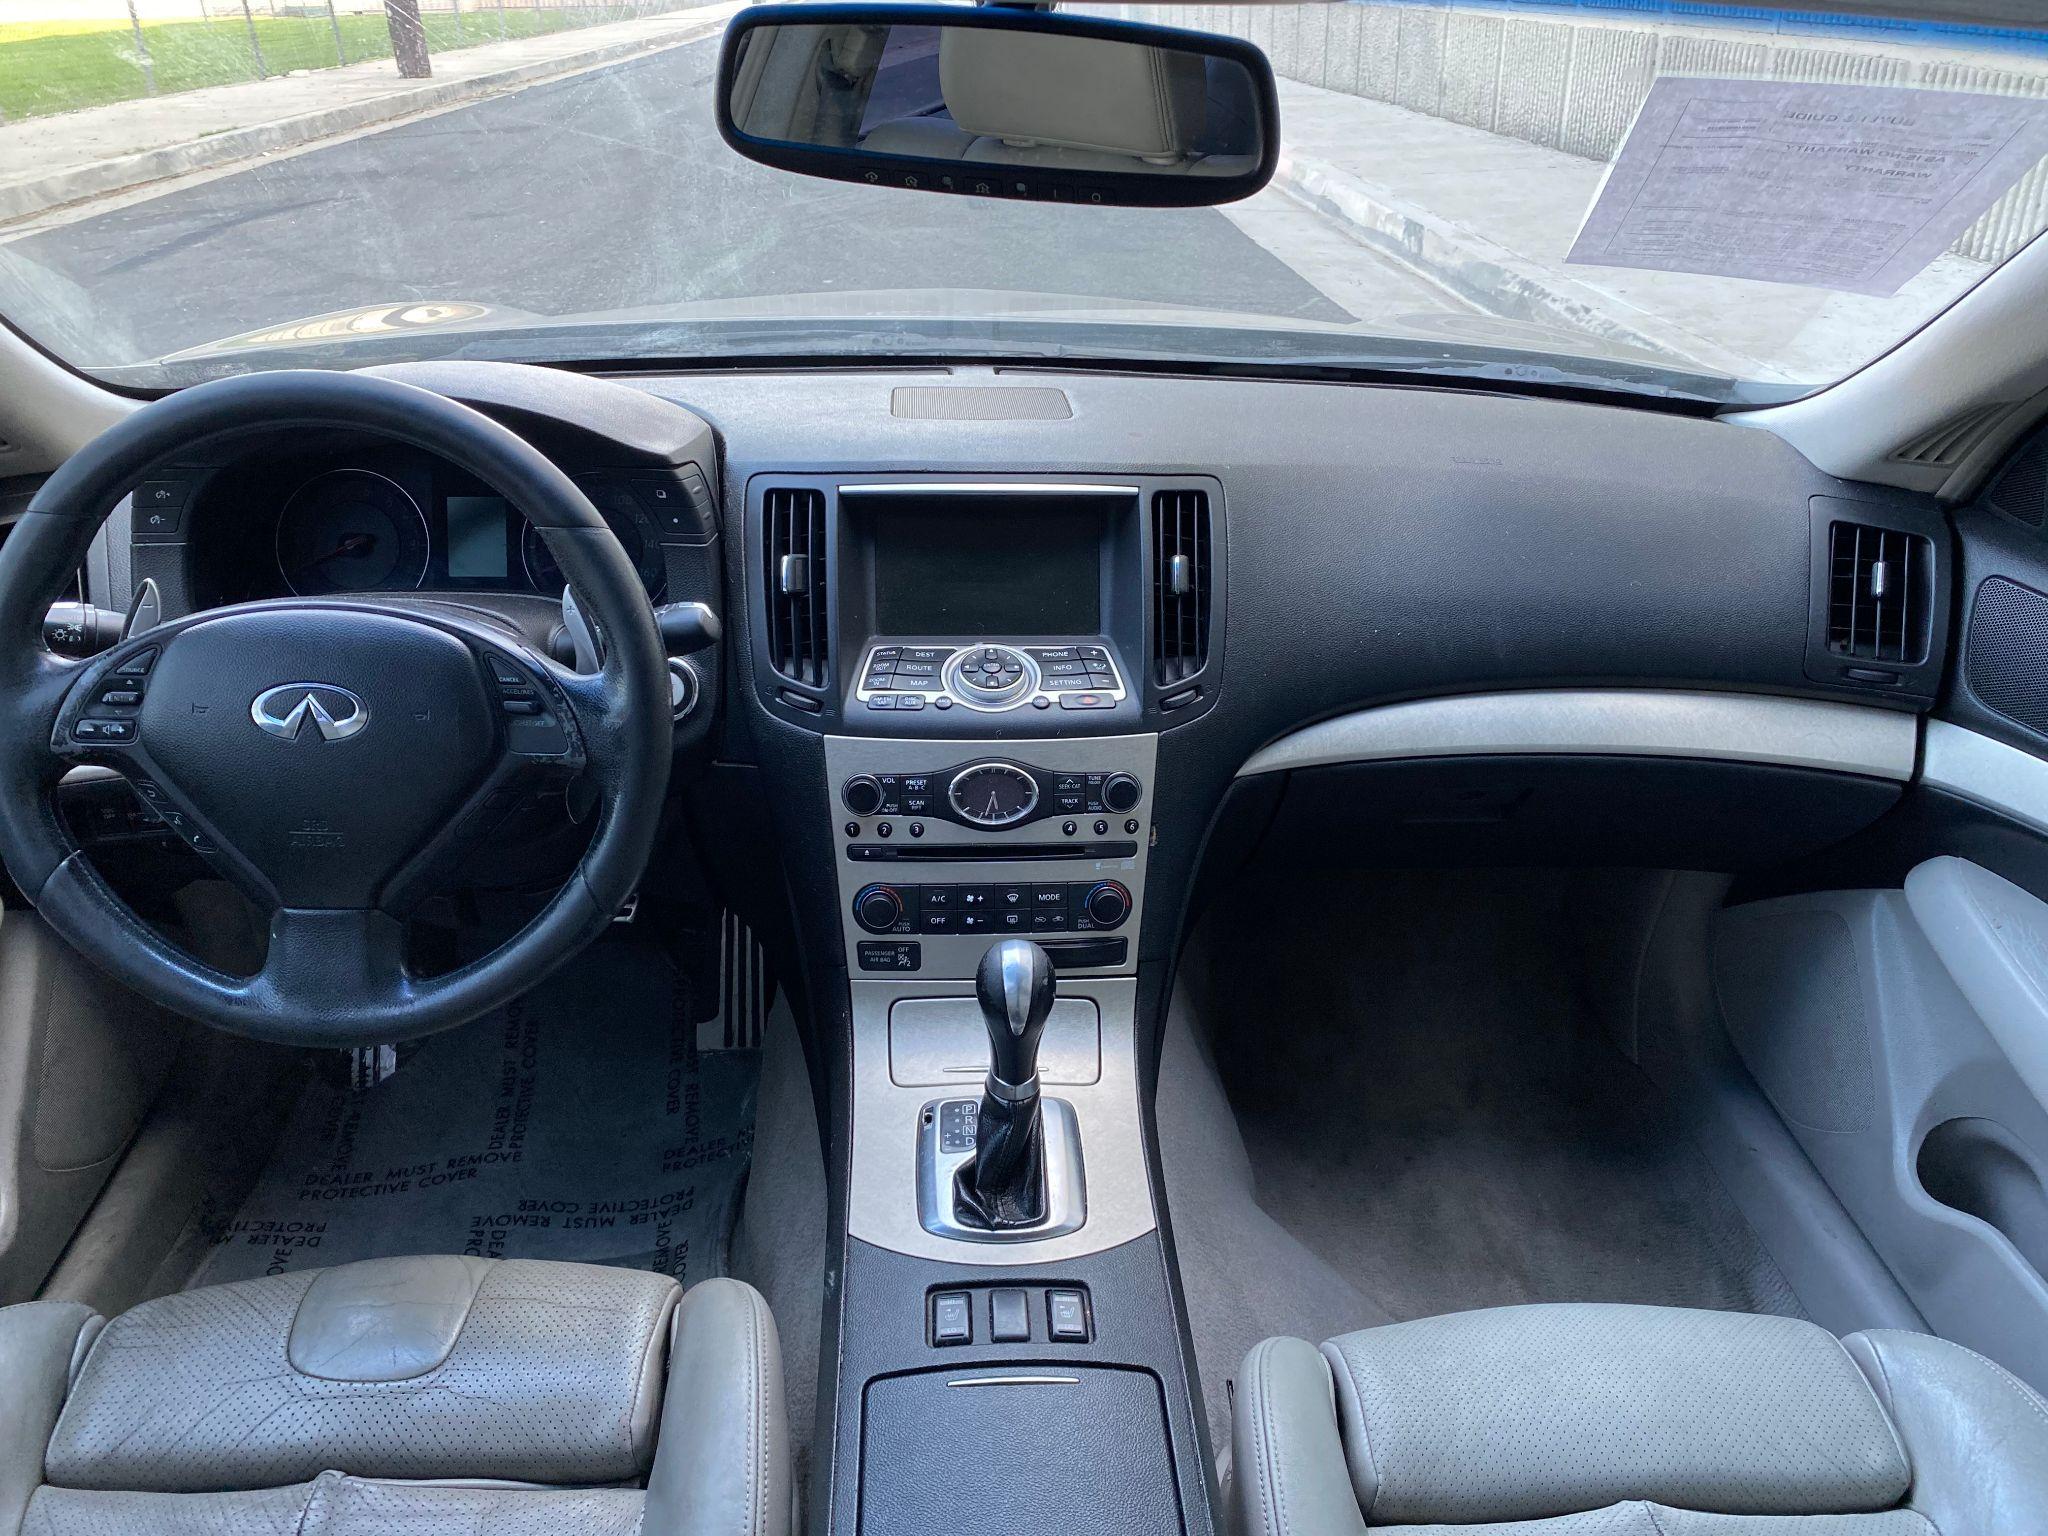 2008 INFINITI G35 Journey